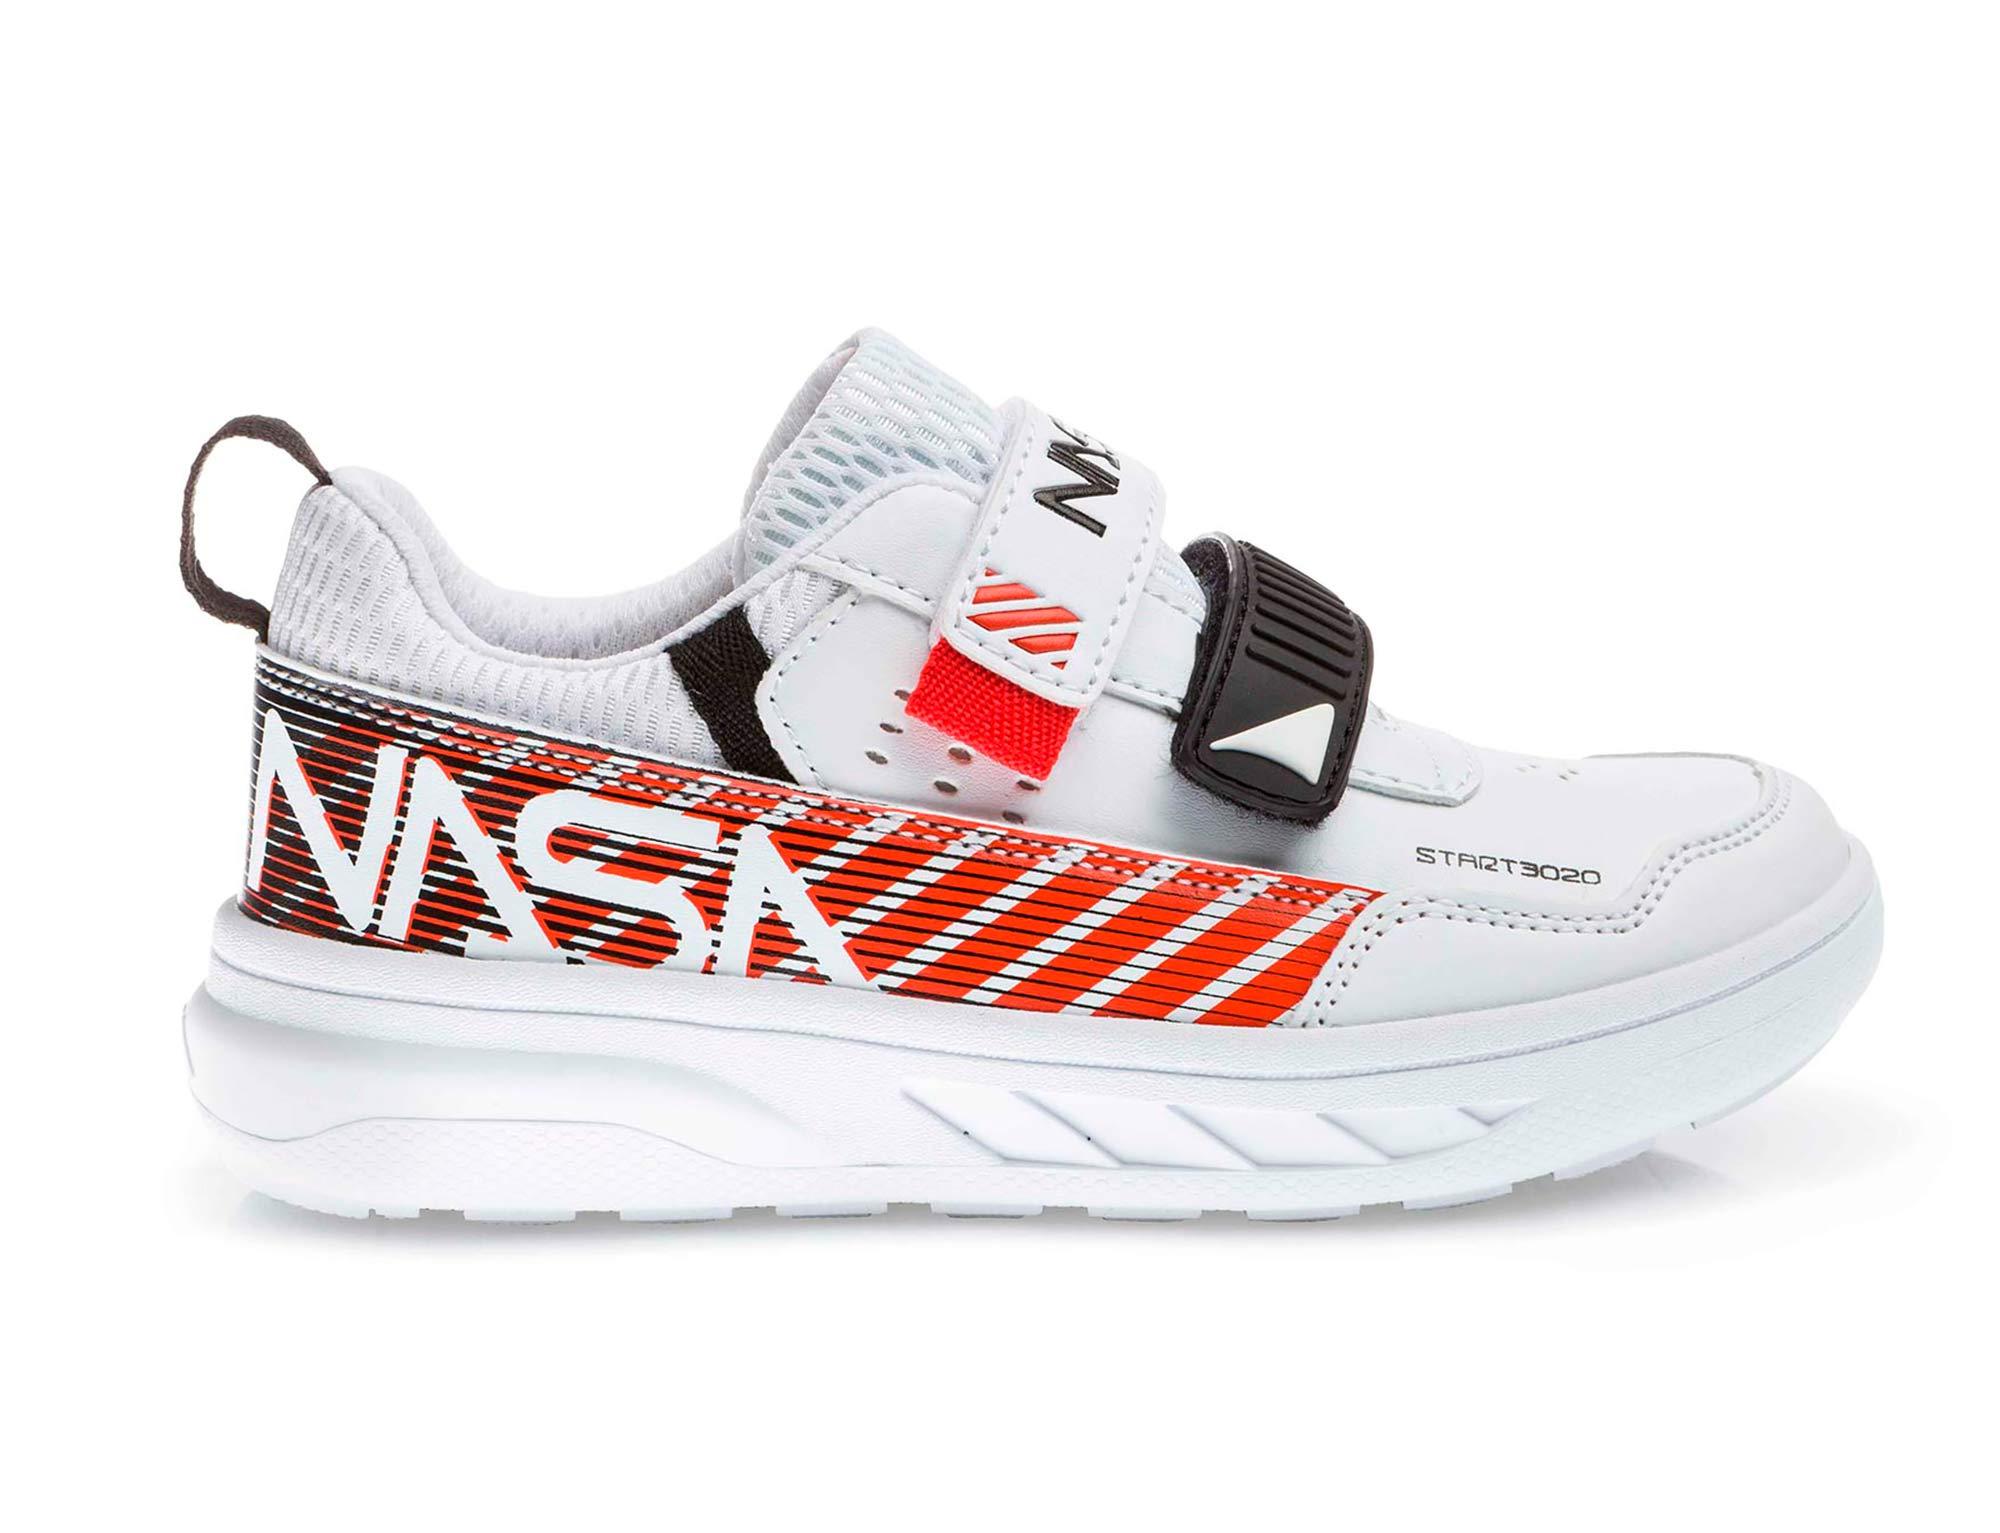 N01000 - N01000 - Nasa - img14063